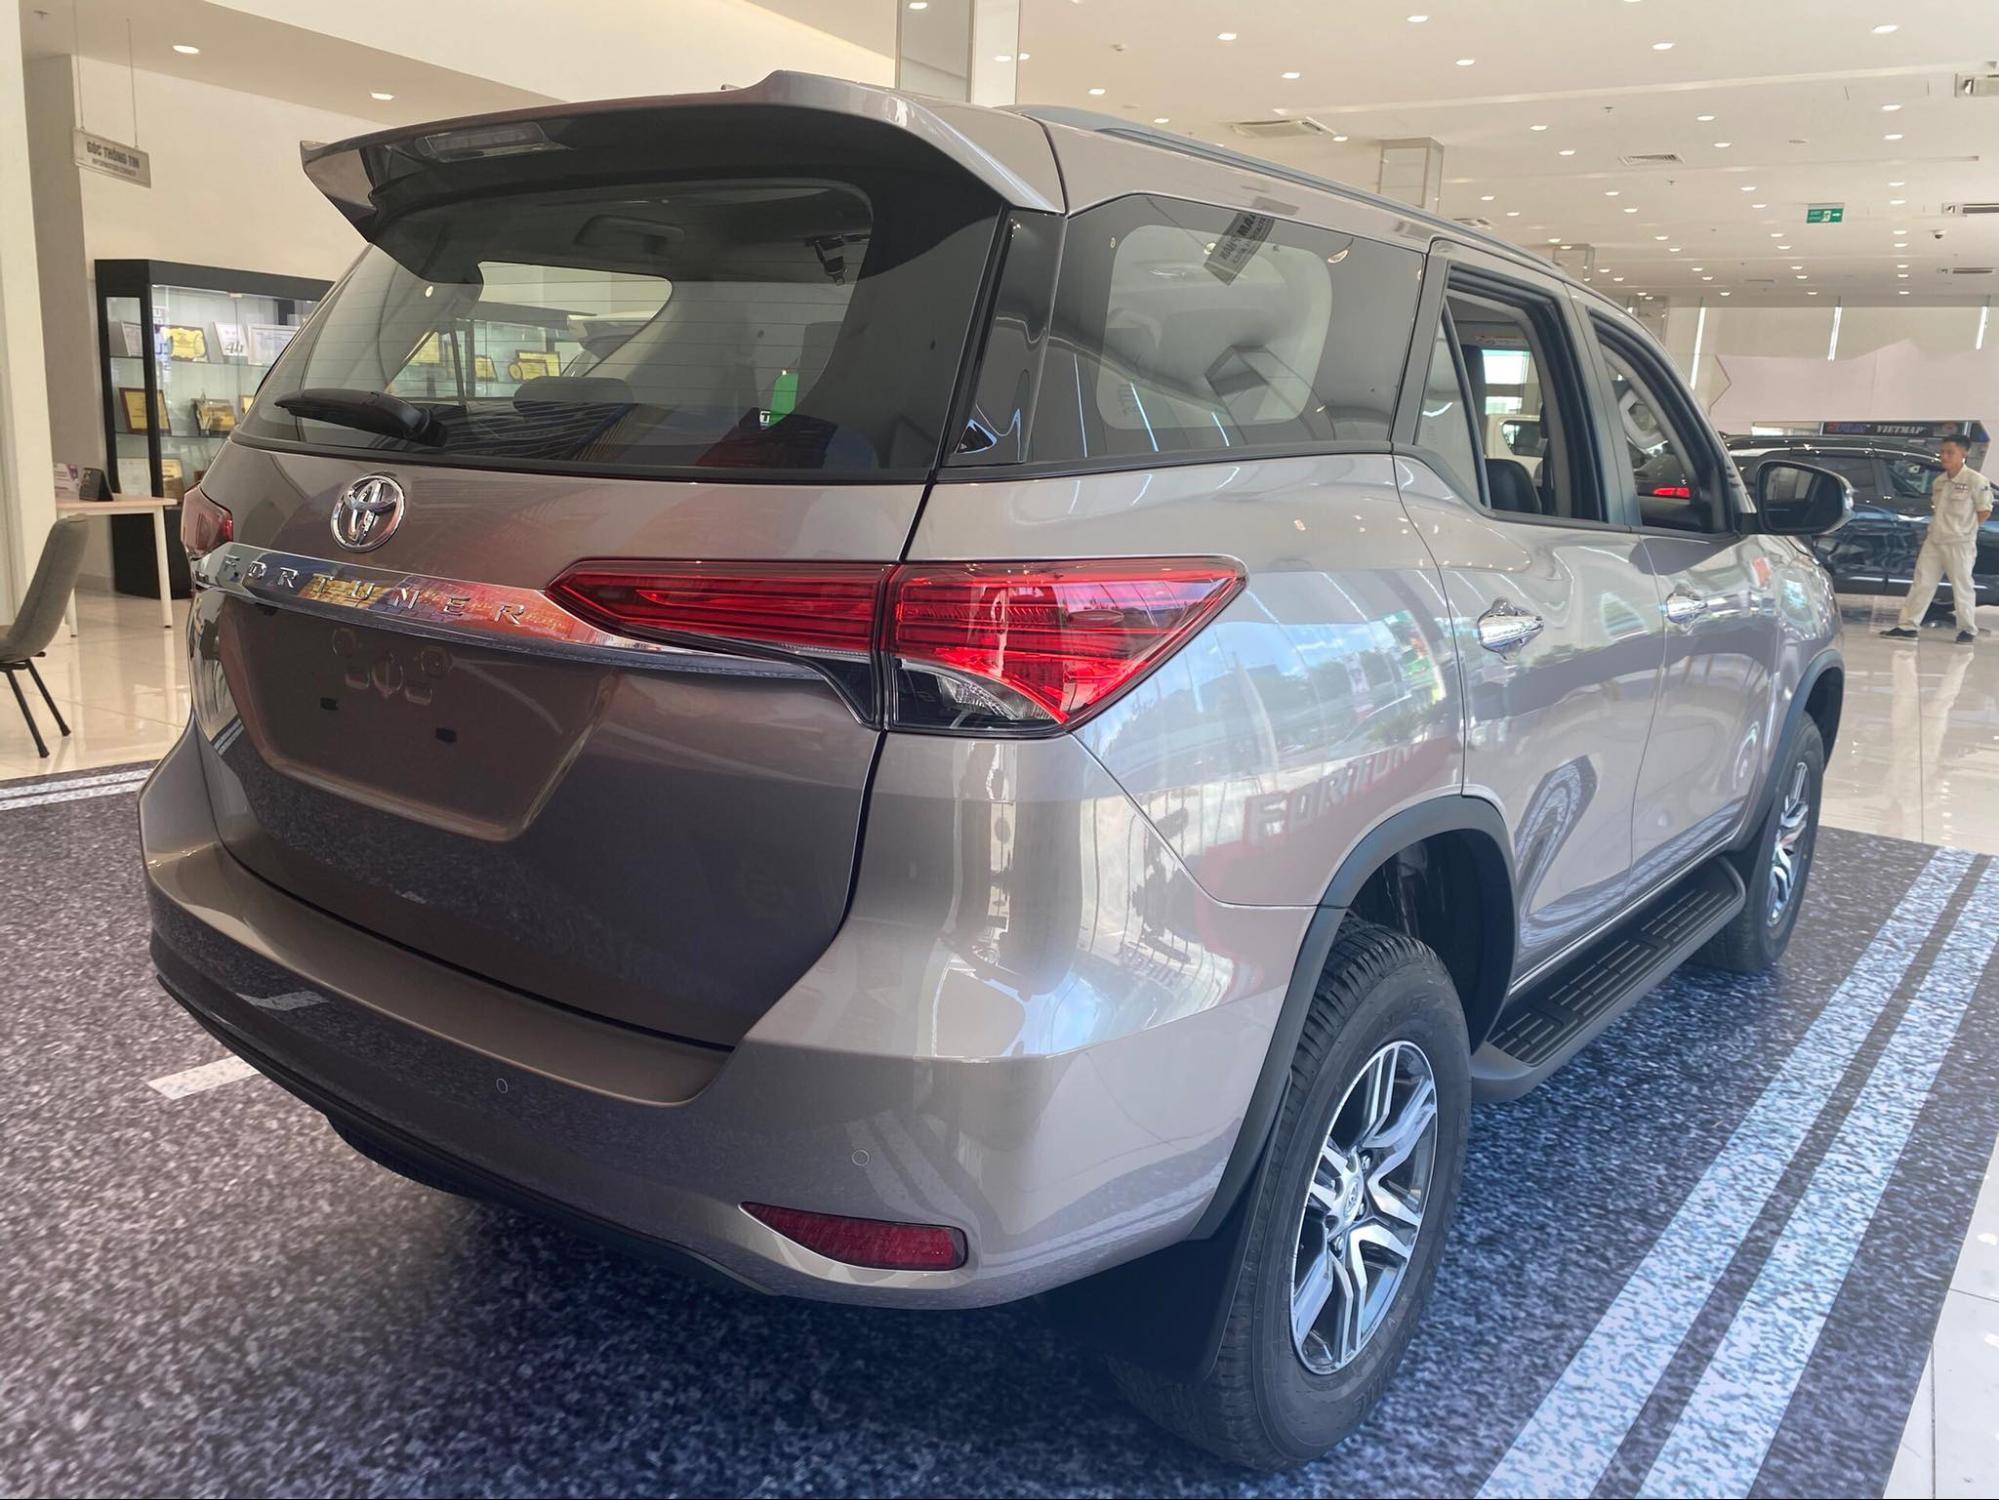 sanh toyota fortuner 2021 va kia sorento 2021 ke tam lang nguoi nua can toyotalongphuoc vn 5 - So sánh Vinfast Lux SA 2.0 và Toyota Fortuner bản cao cấp có gì khác biệt?